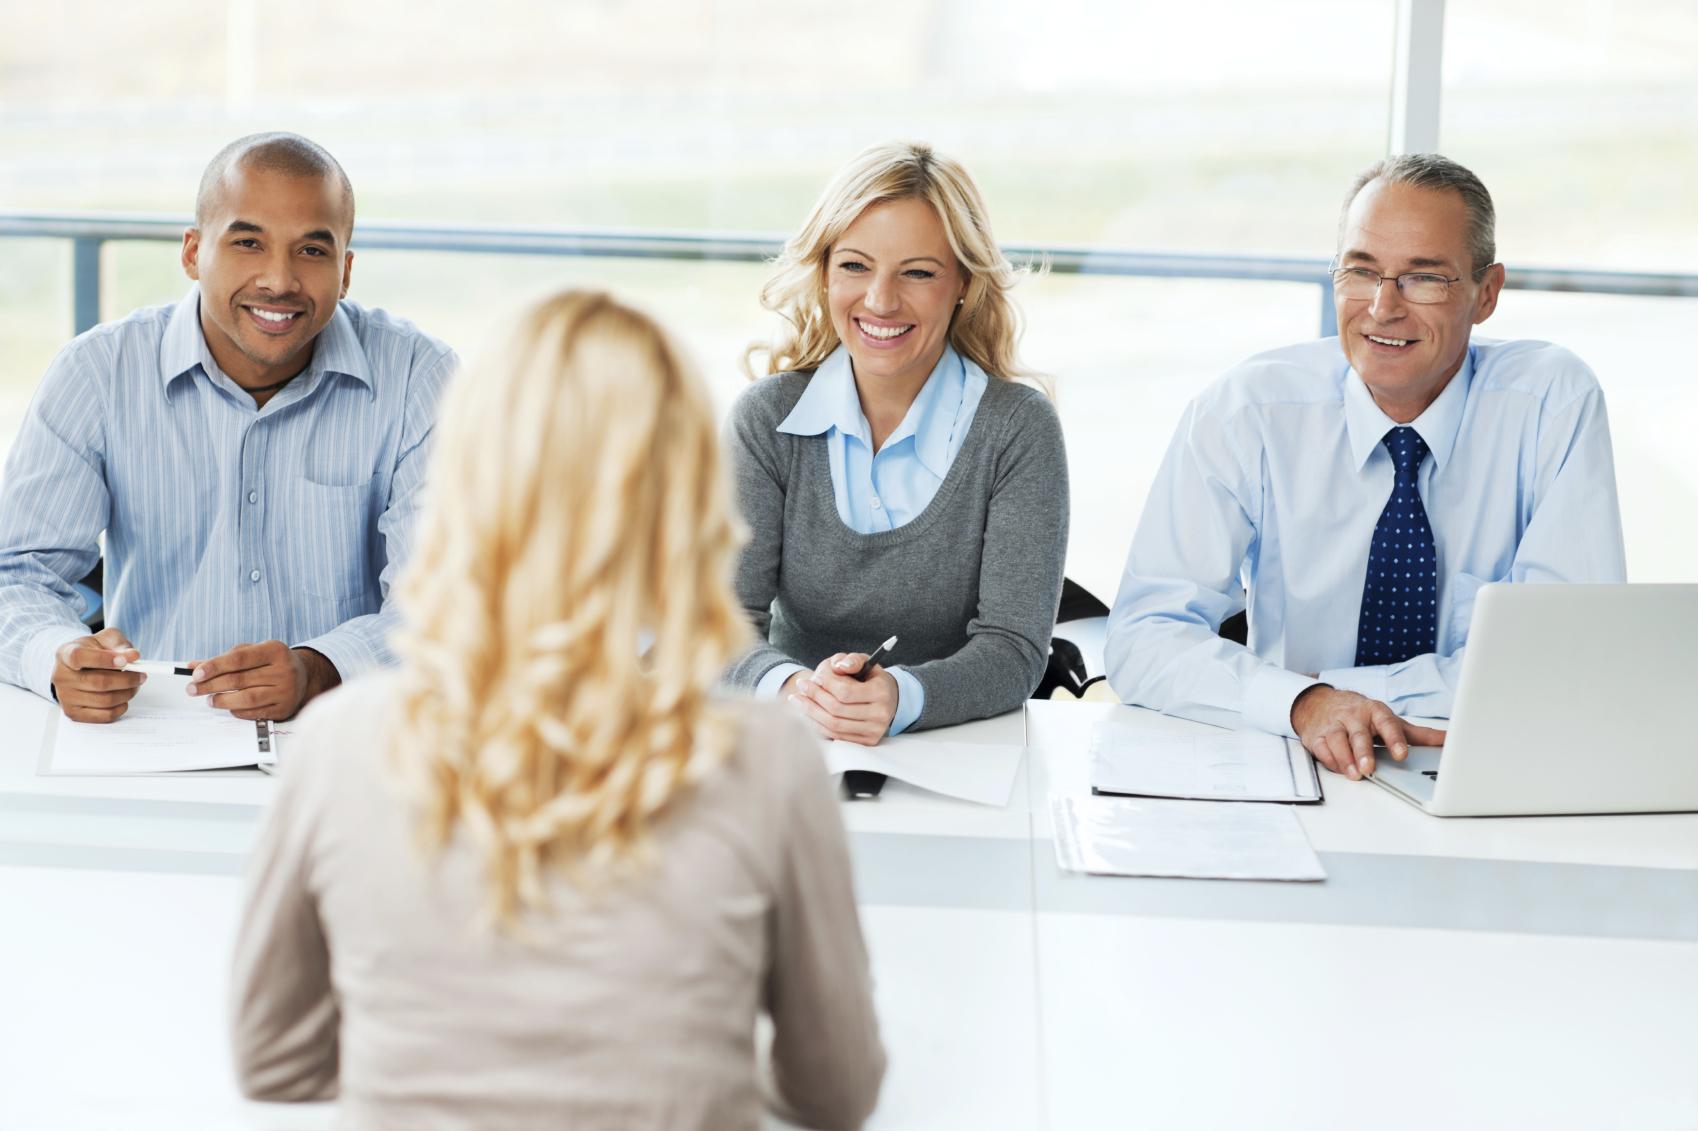 Ngân hàng câu hỏi cho vòng phỏng vấn và những gợi ý trả lời